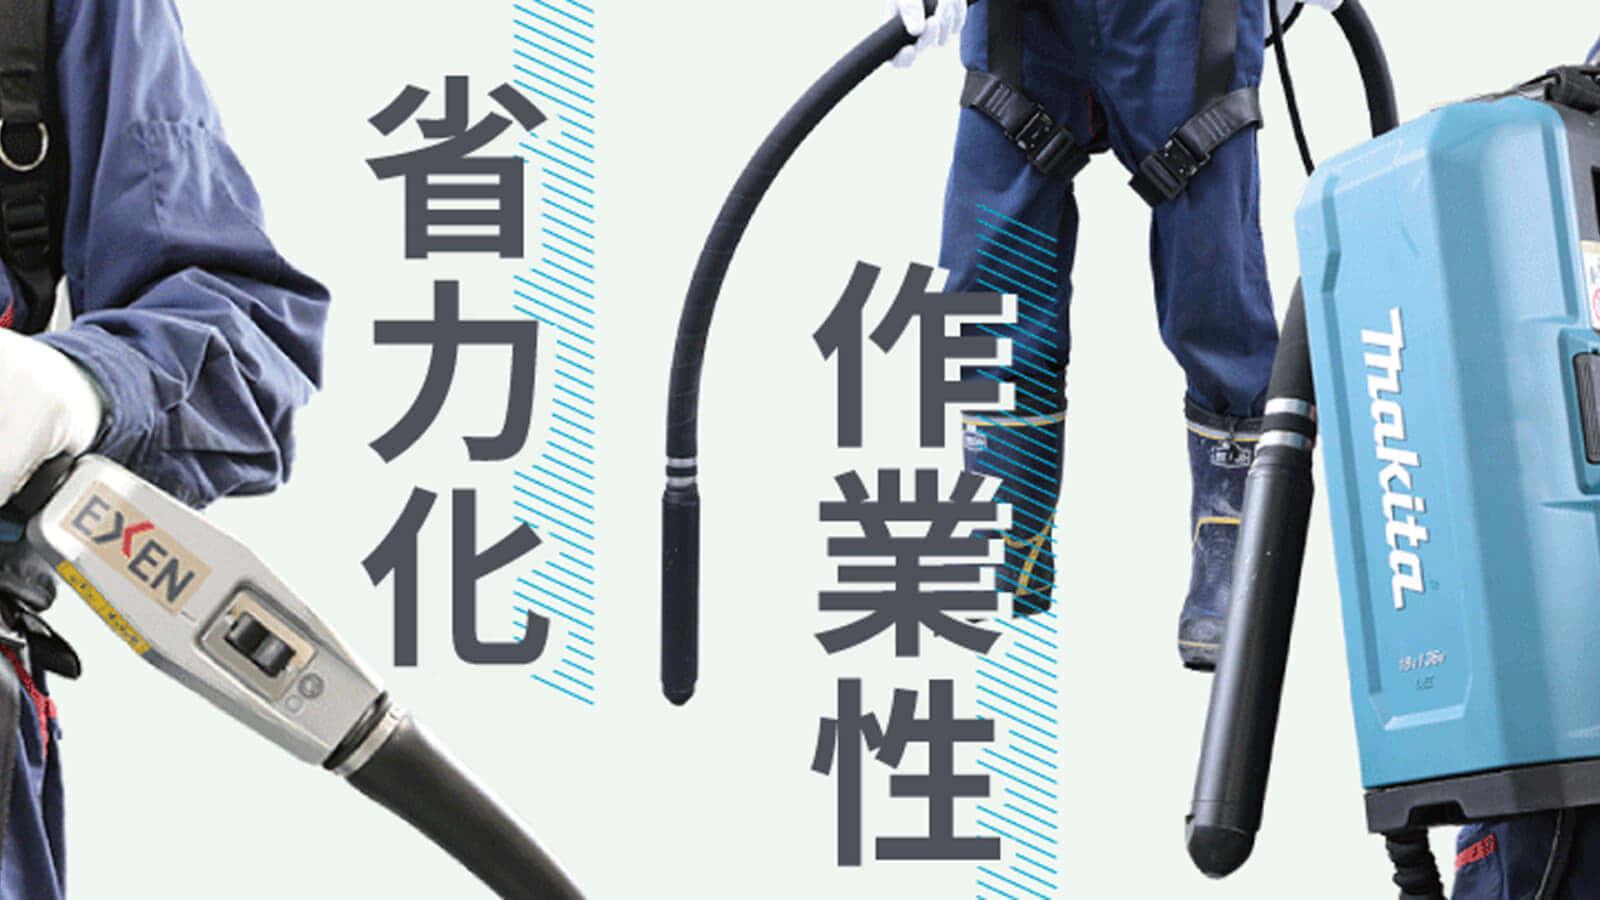 エクセン ECV-Mシリーズ高周波バイブレータを発売、マキタポータブル電源対応